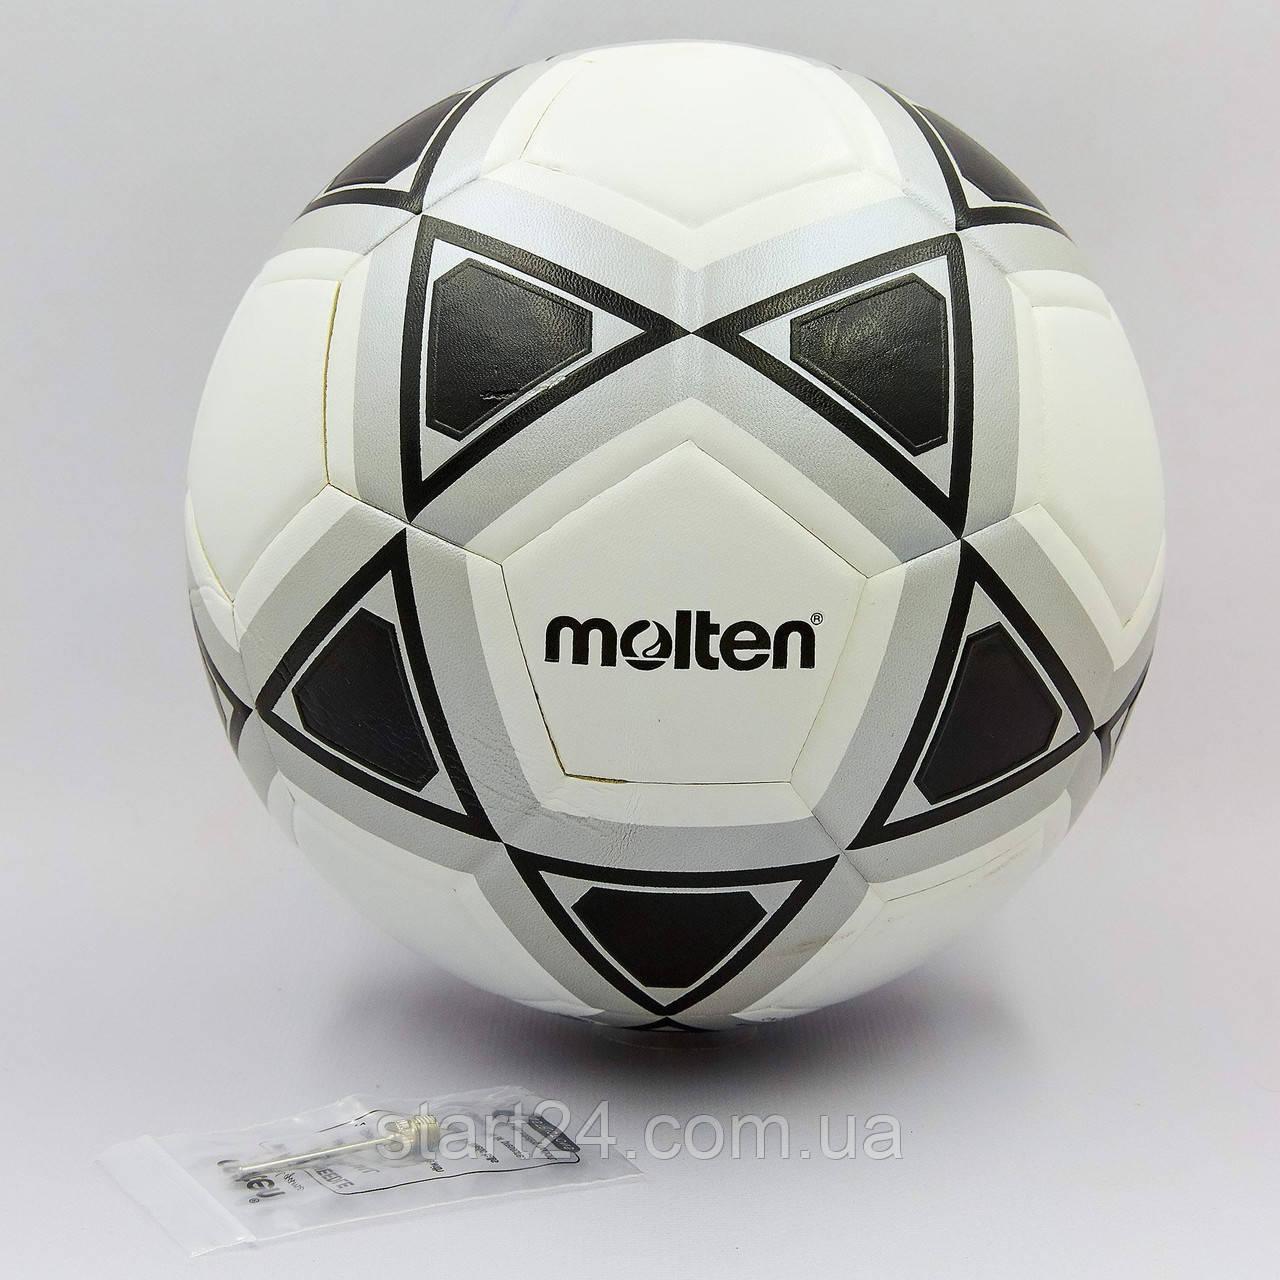 Мяч футбольный №5 PU MOLTEN F5T1500-KS (5 сл., сшит вручную, белый-черный-серебряный)